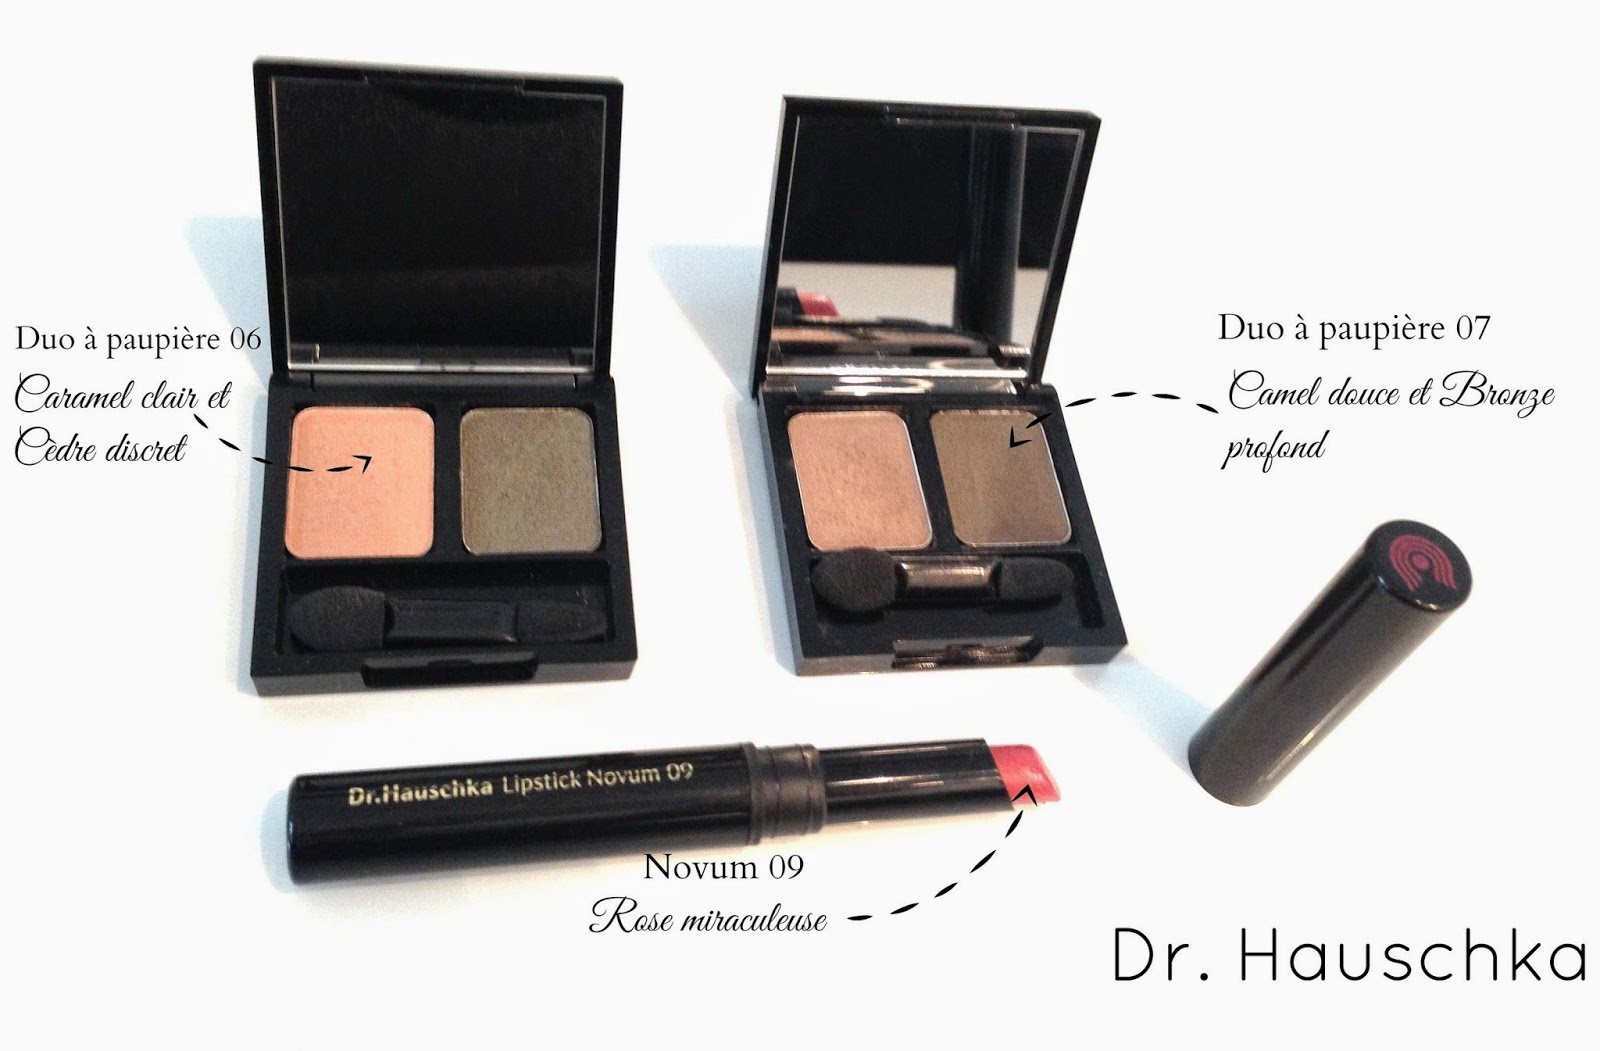 Maquillage Dr Hauschka